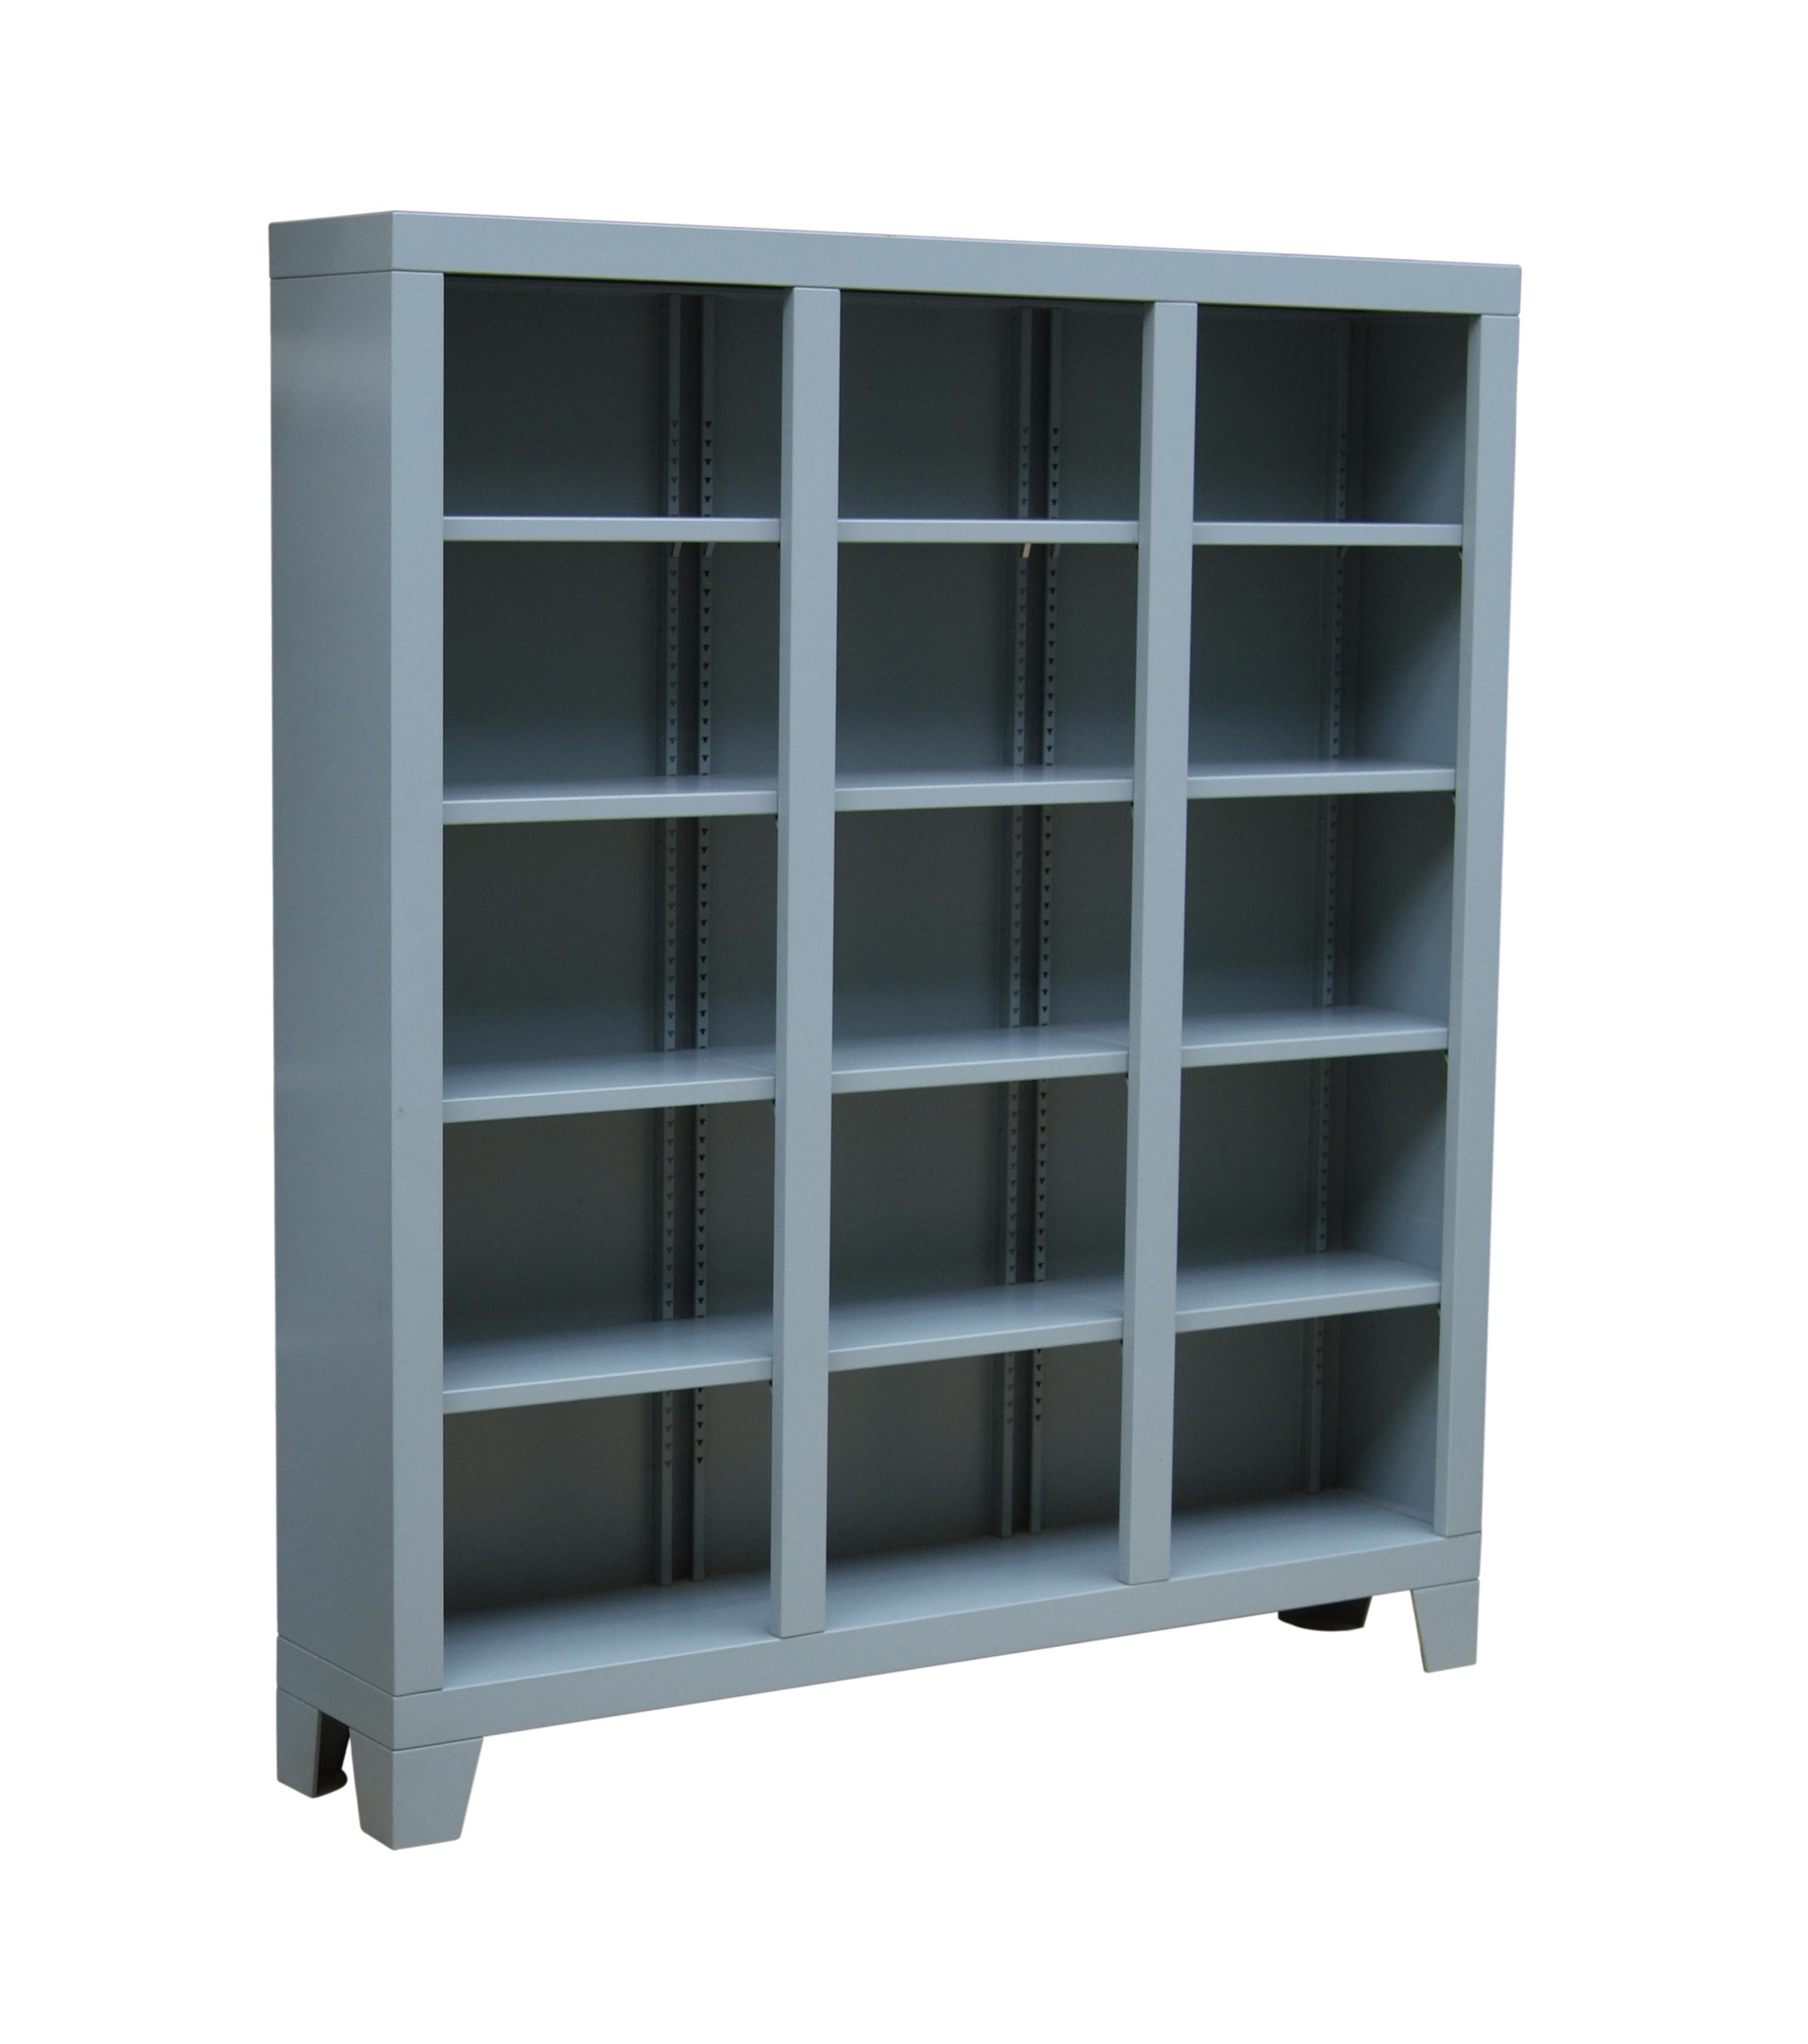 1211 Dozen boekenkast STAAL blauw | PIET HEIN EEK